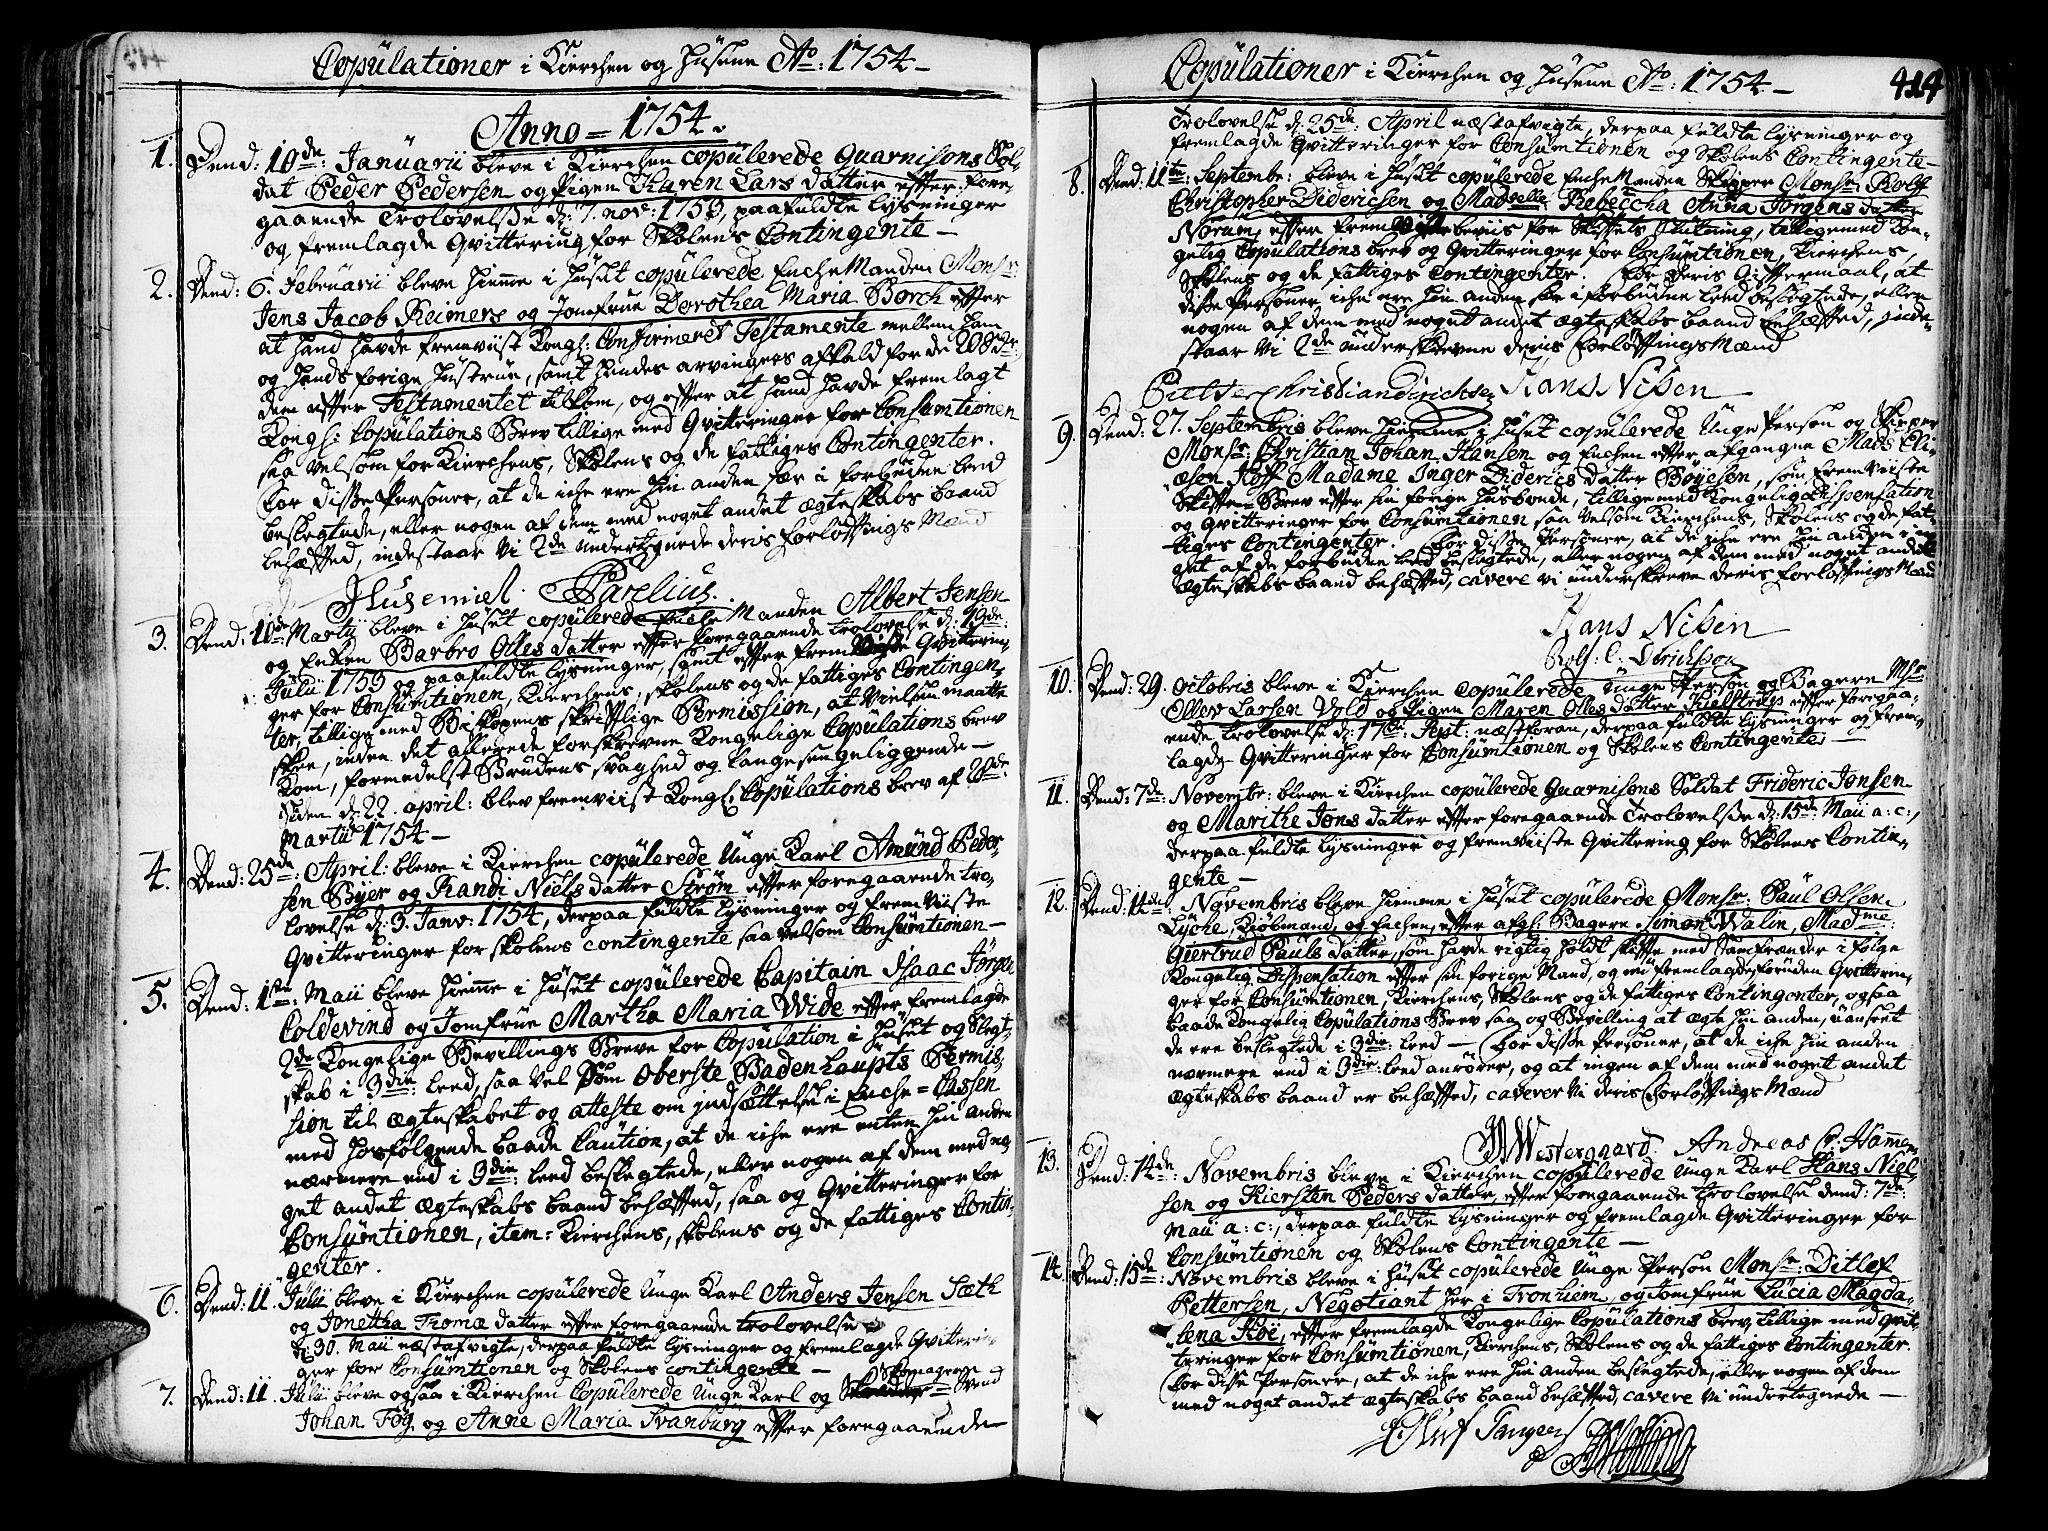 SAT, Ministerialprotokoller, klokkerbøker og fødselsregistre - Sør-Trøndelag, 602/L0103: Ministerialbok nr. 602A01, 1732-1774, s. 414